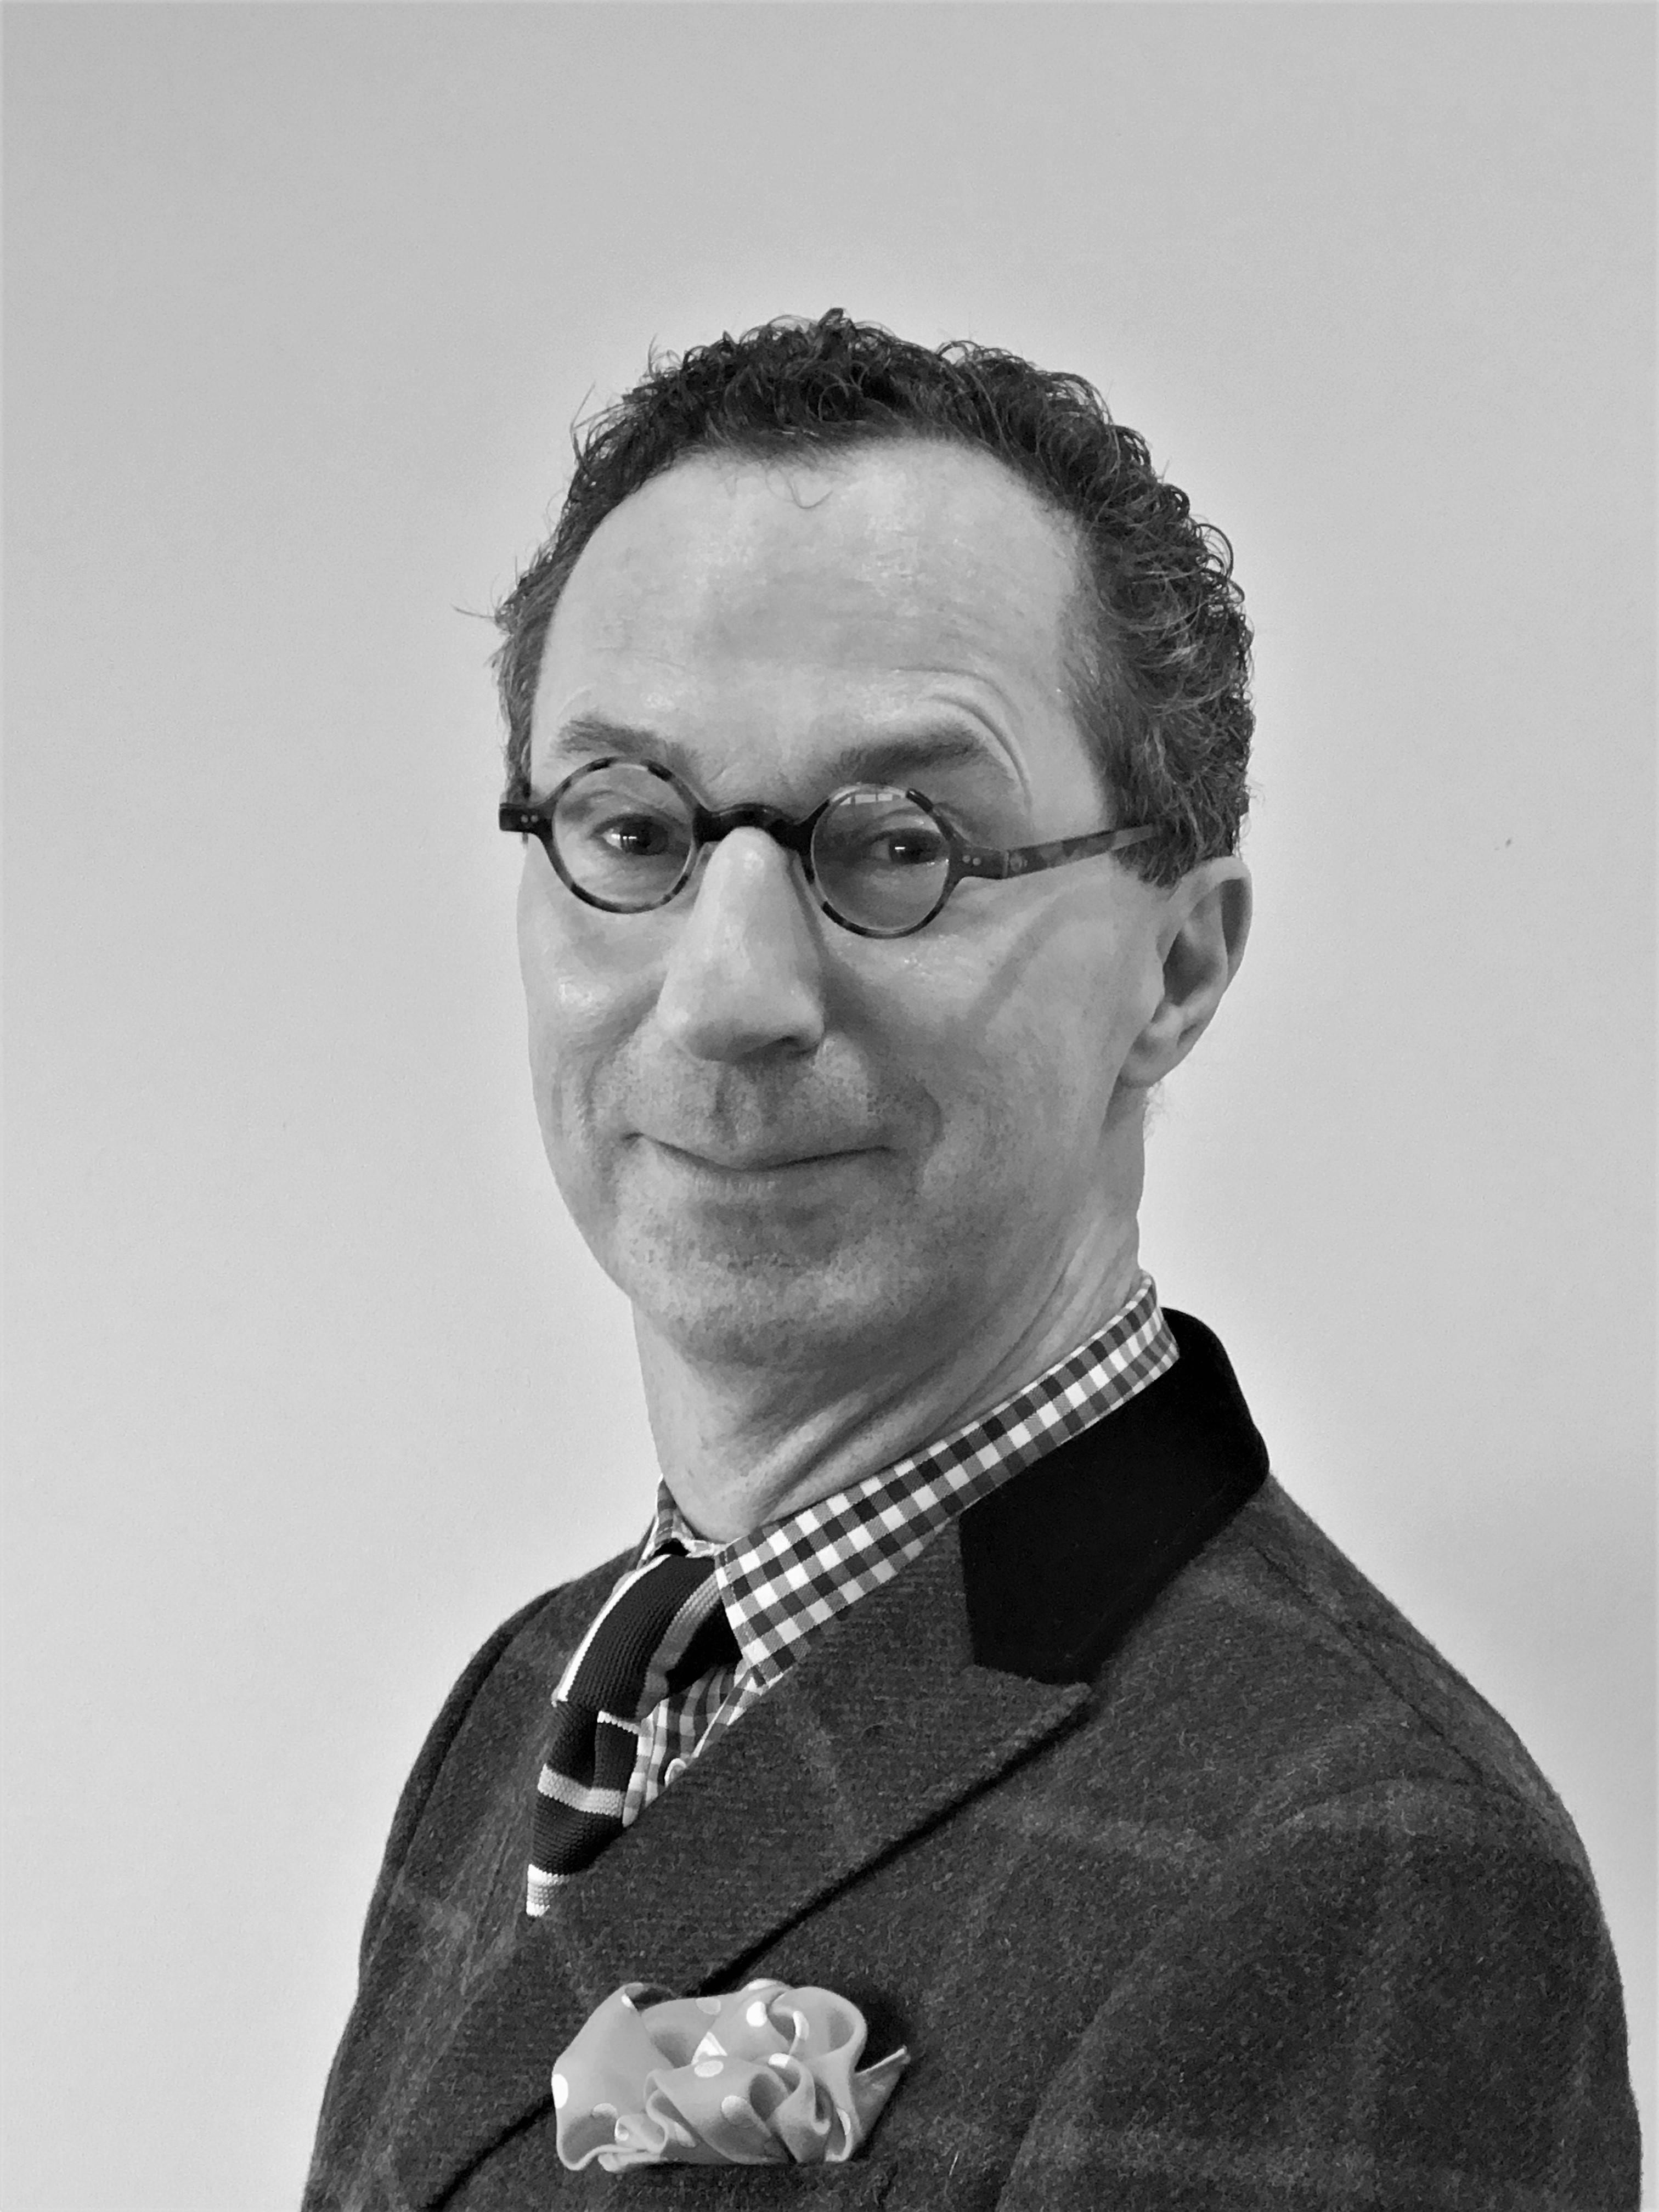 Robert O'Byrne